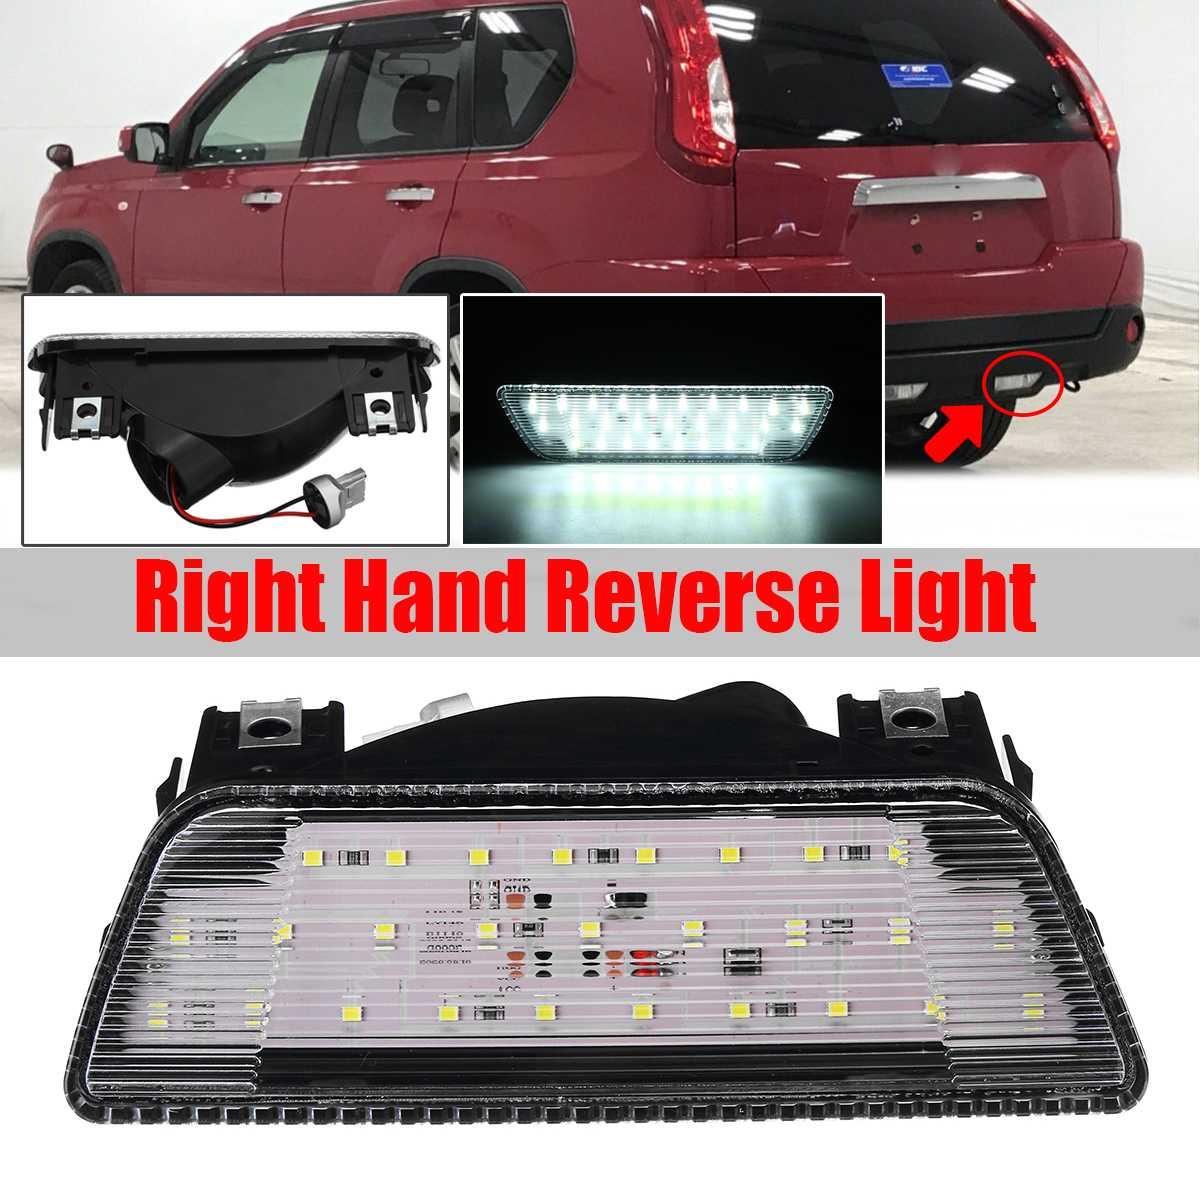 ضوء المصد الخلفي الأيمن LED ، ضوء الفرامل الخلفي ، مصباح إشارة الانعطاف لنيسان X-Trail Rogue 2008 2009 2010 2011 2012 2013